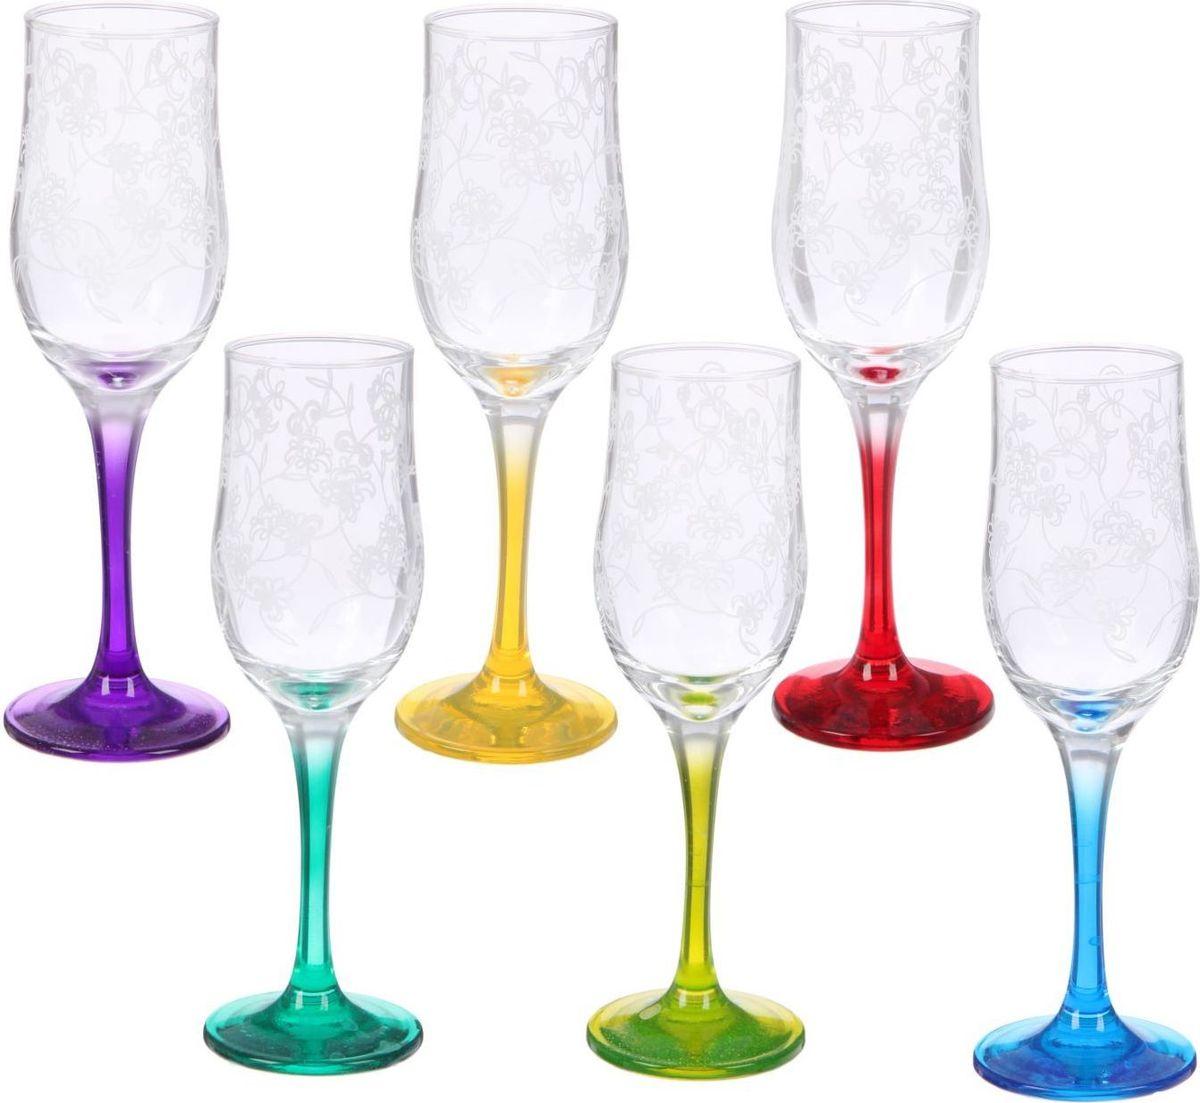 """Набор бокалов для шампанского Декостек """"Рrimavera"""" пригодится для любого торжества.  В наборе 6 стеклянных бокалов. Бокалы с разноцветными ножками имеют интересный дизайн. Любой хозяйке будет приятно держать его в руках.  Такой набор бокалов станет прекрасным подарком на любой праздник."""